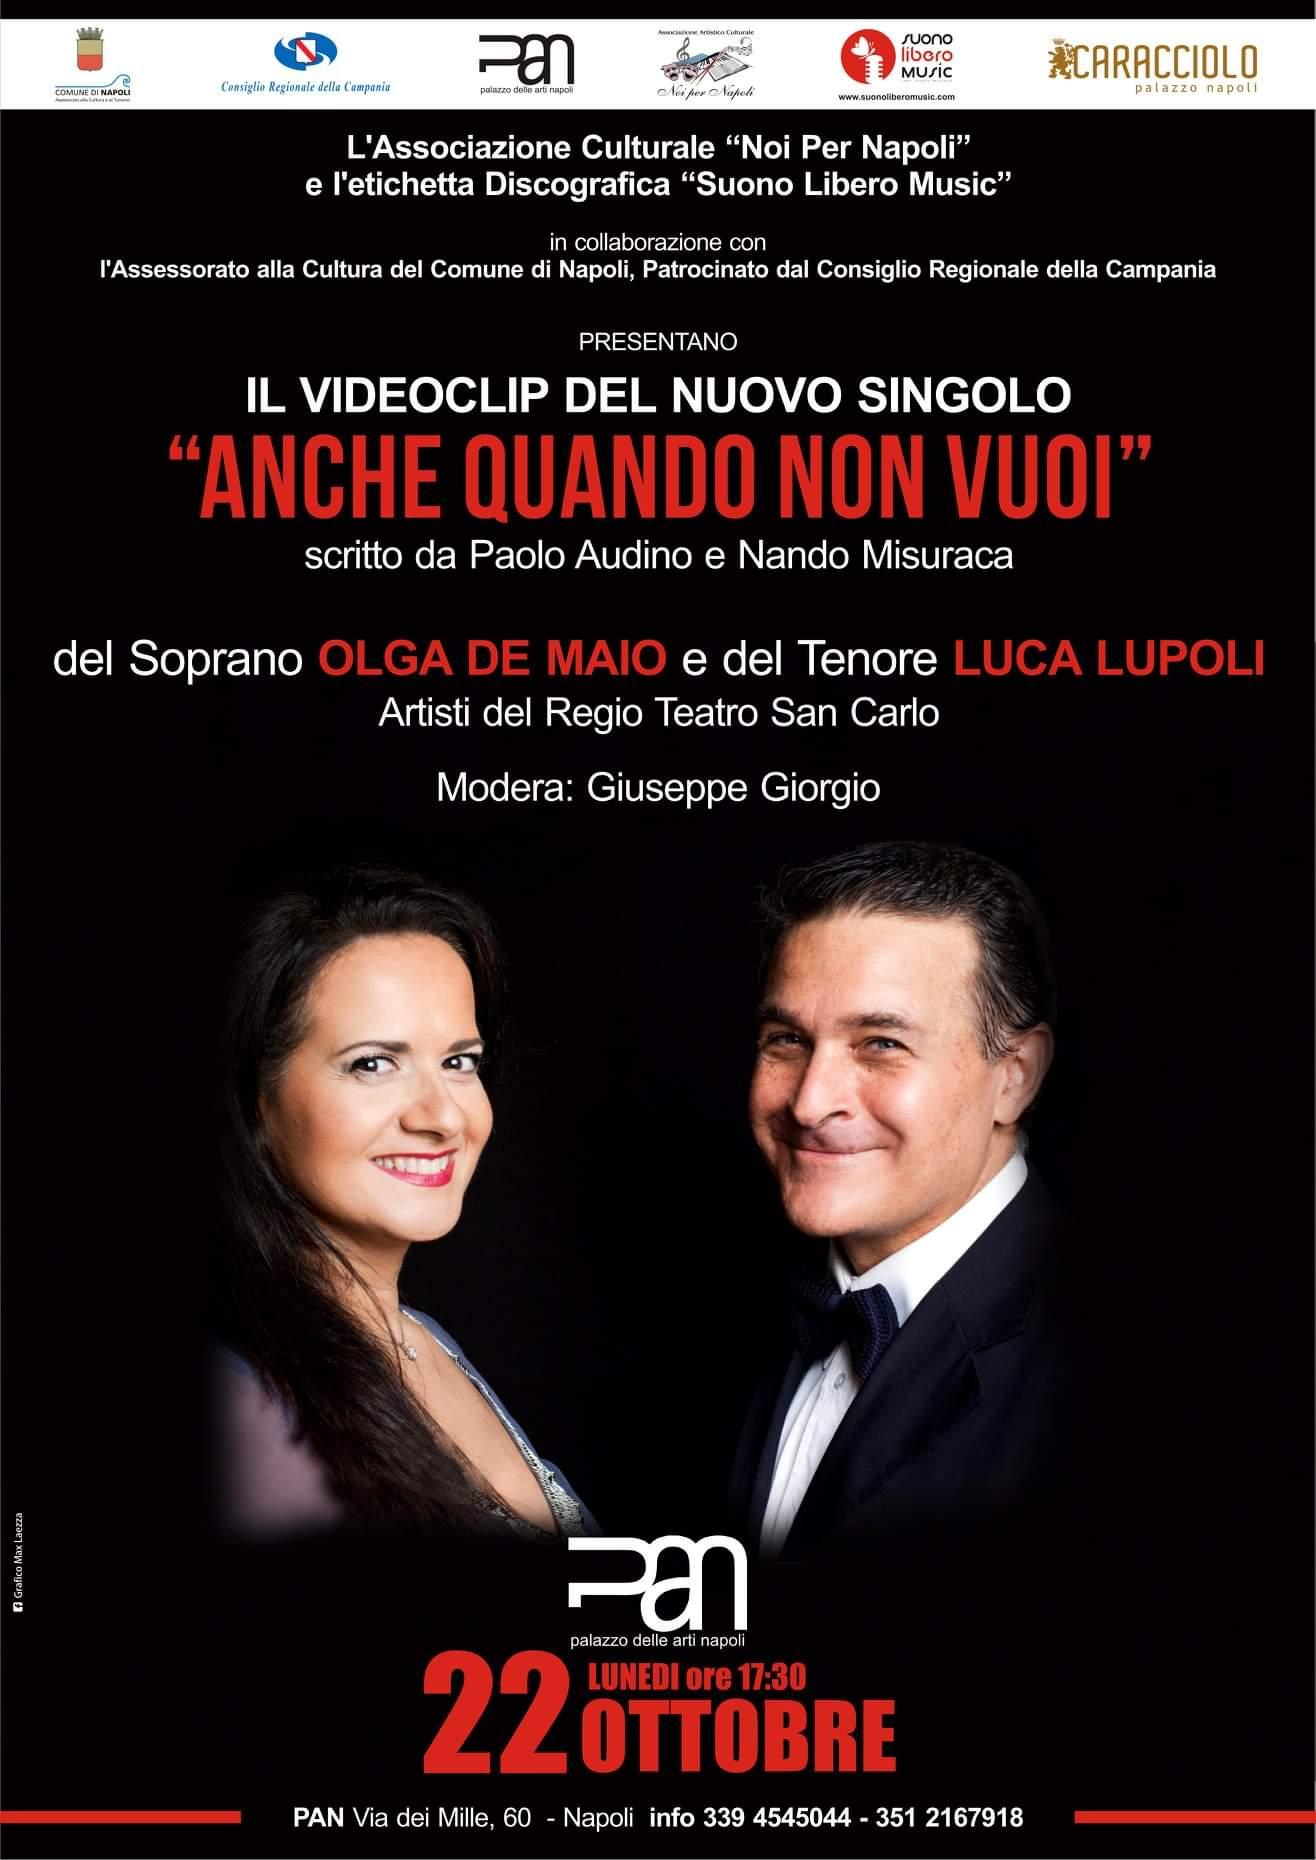 Anche quando non vuoi, il nuovo singolo della coppia lirica De Maio Lupoli